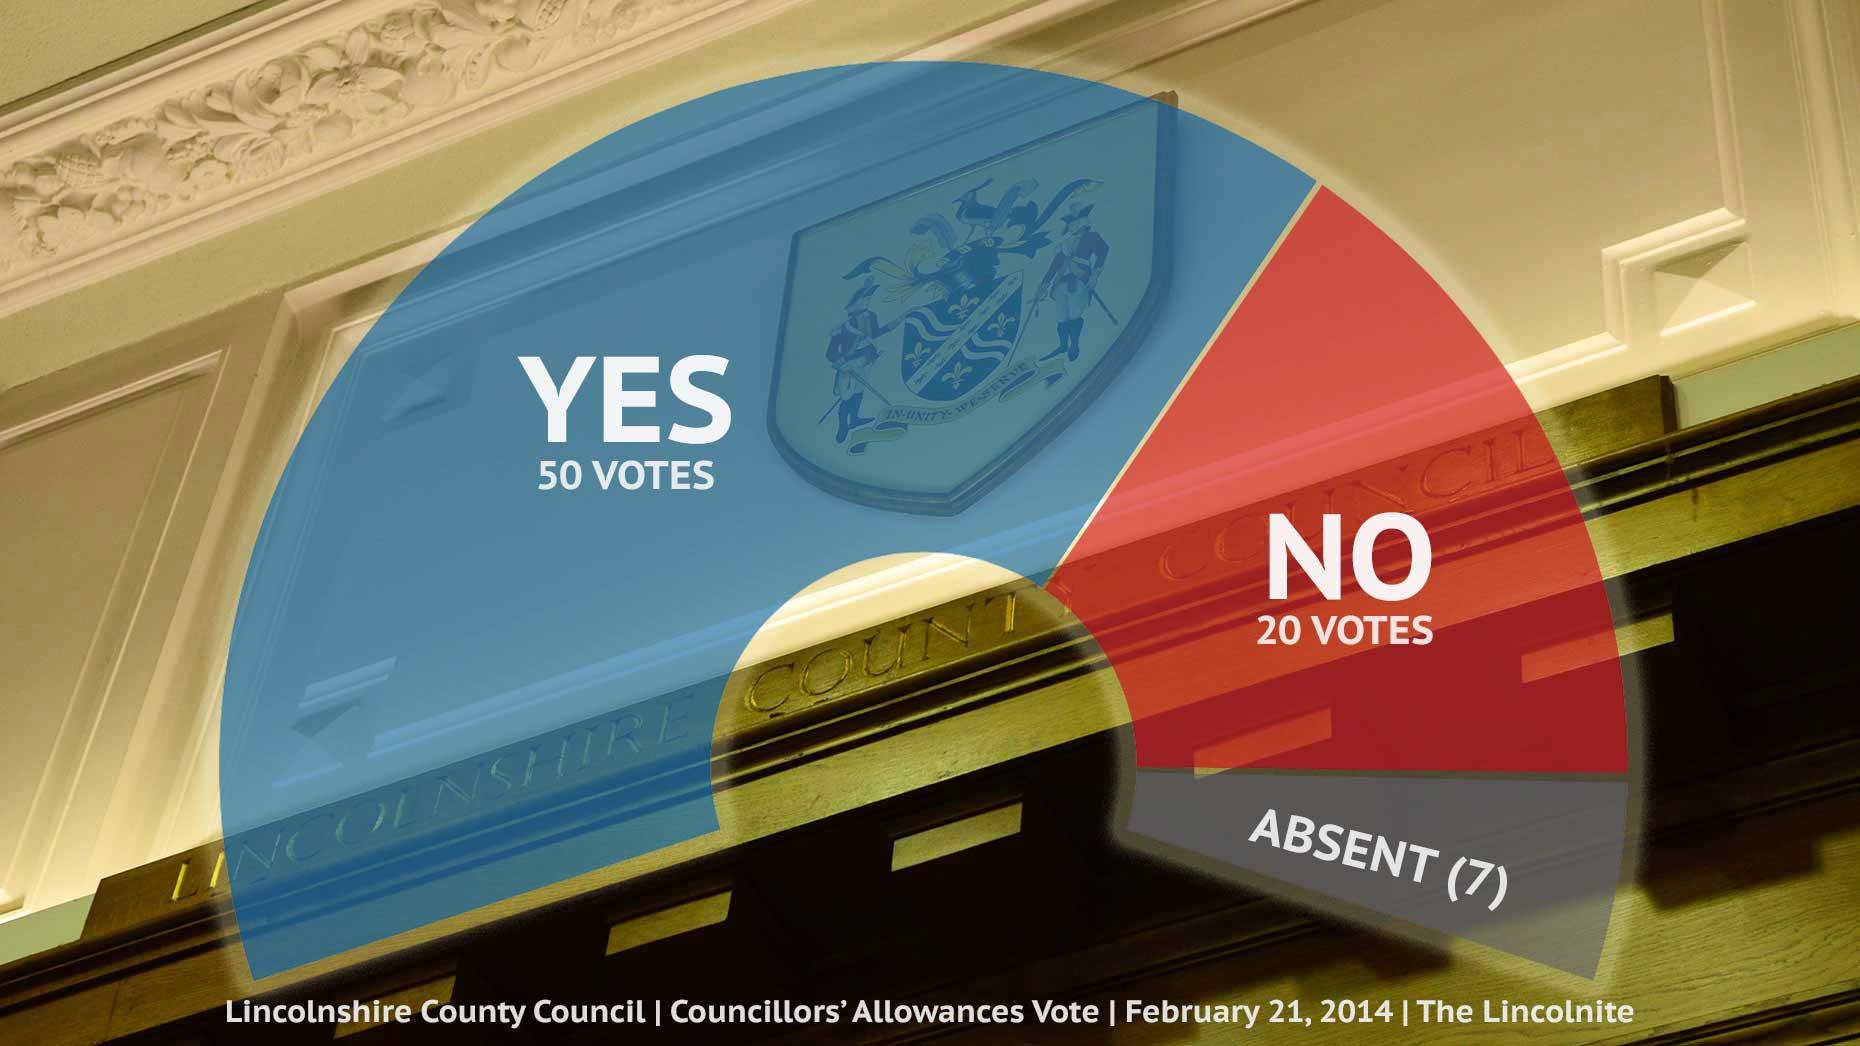 lincolnshire-county-council-allowances_vote